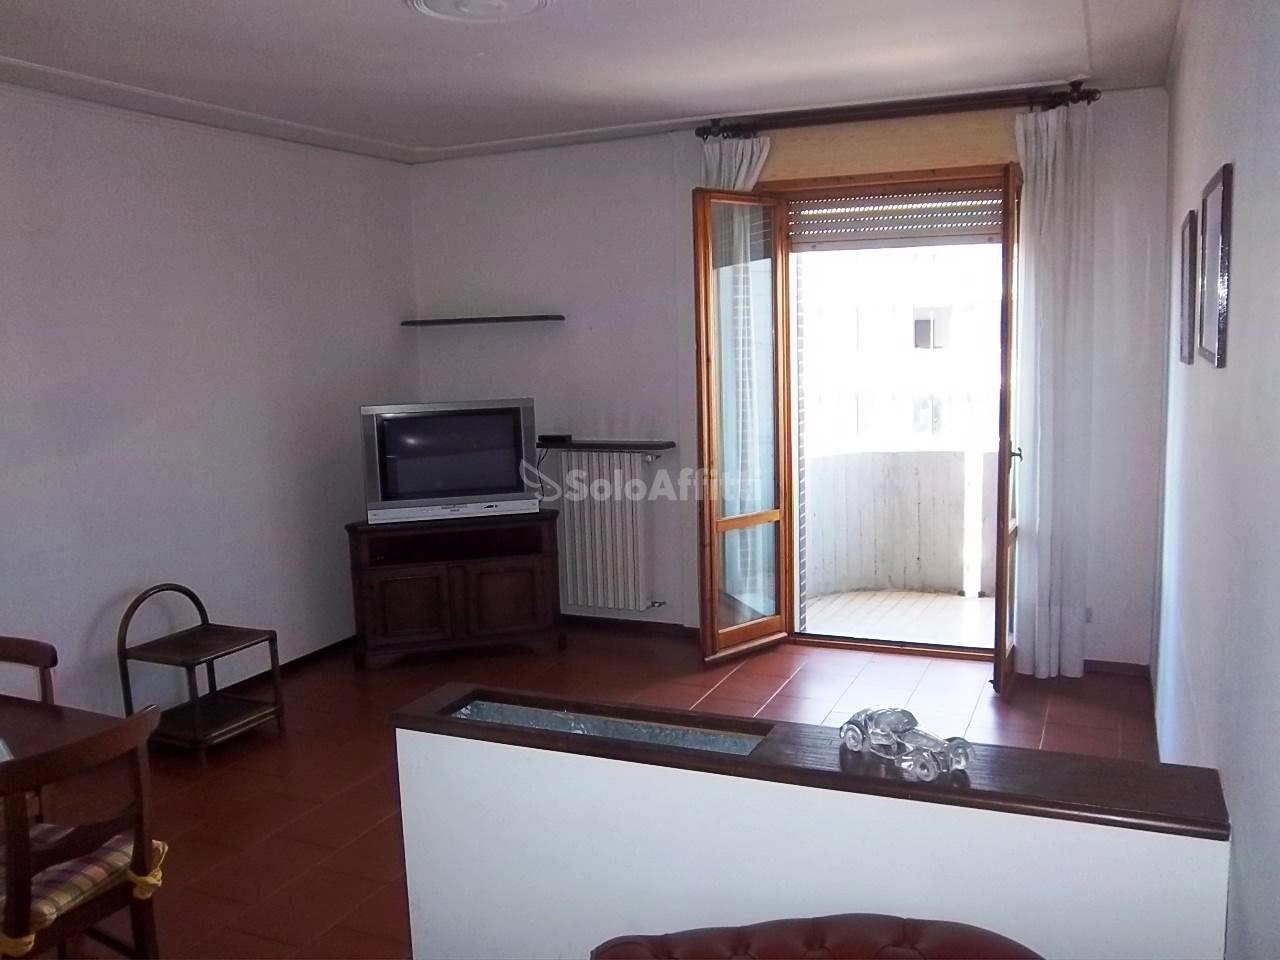 Appartamenti in affitto a modena i migliori immobili a modena for Appartamenti in affitto modena